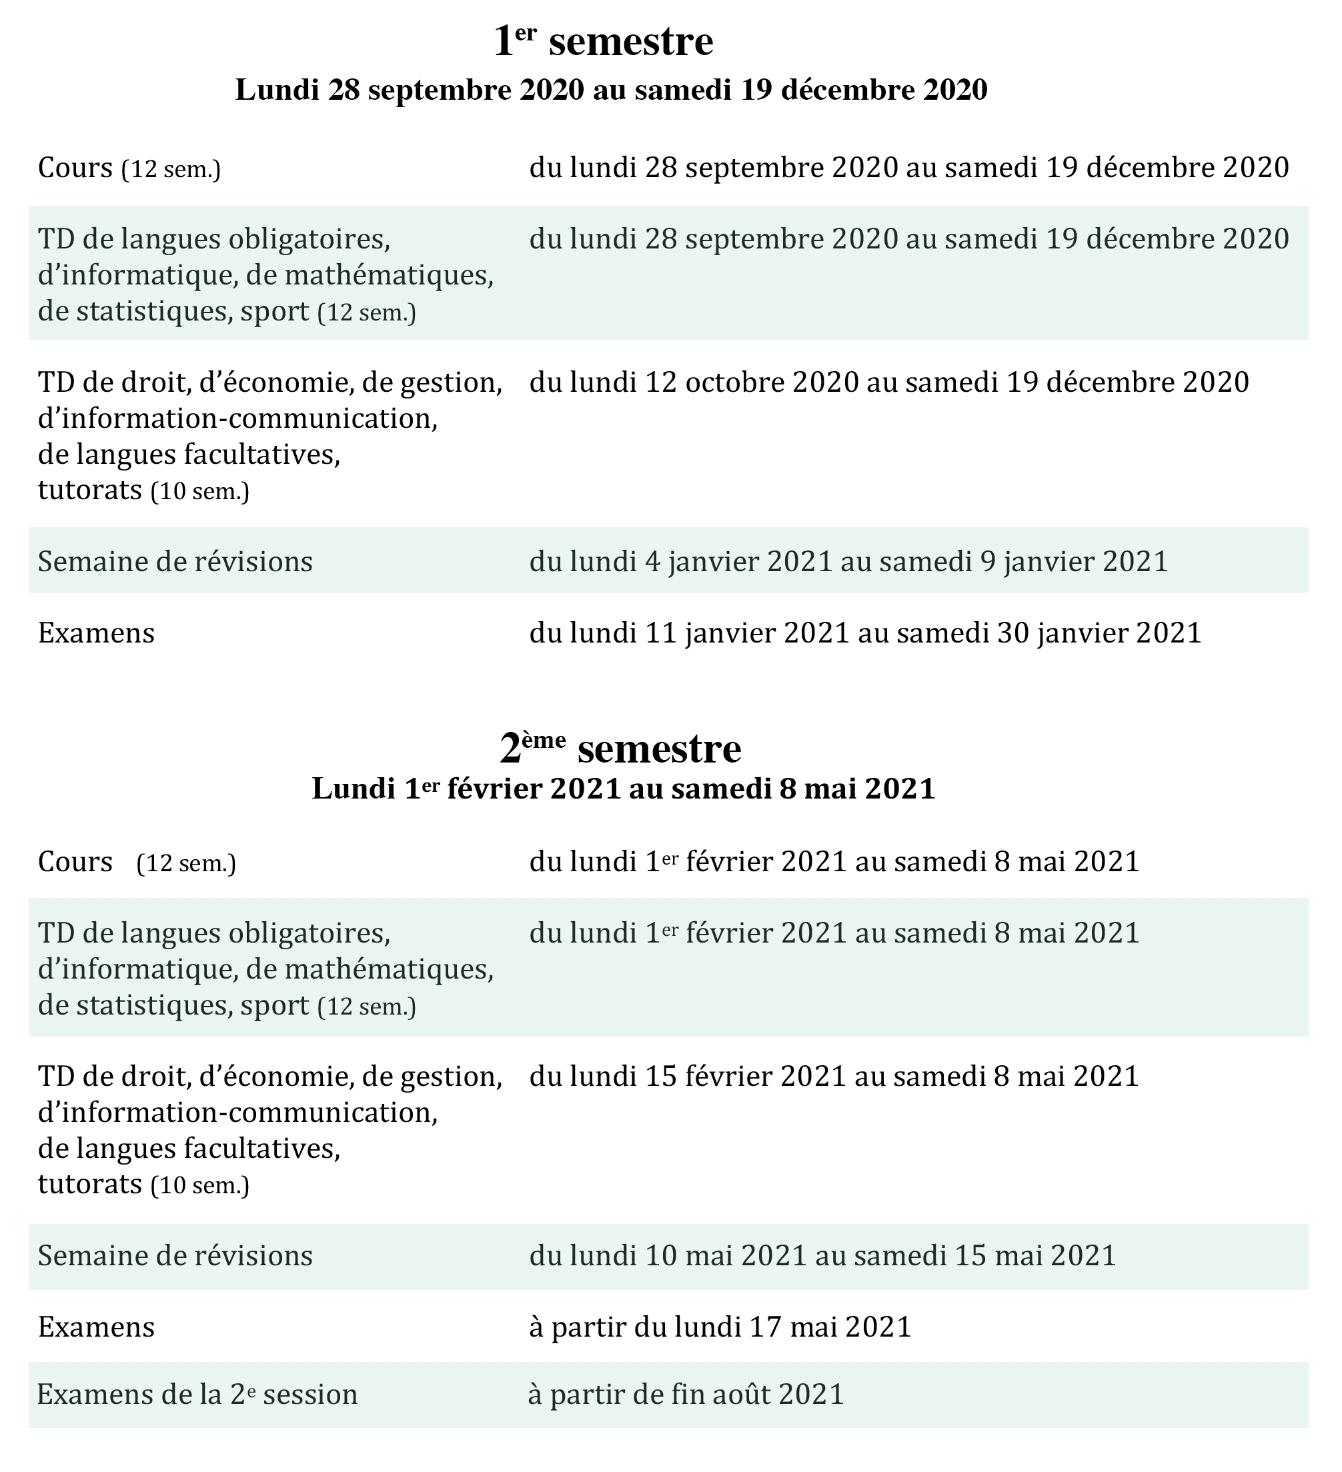 Calendrier universitaire | Université Paris 2 Panthéon Assas